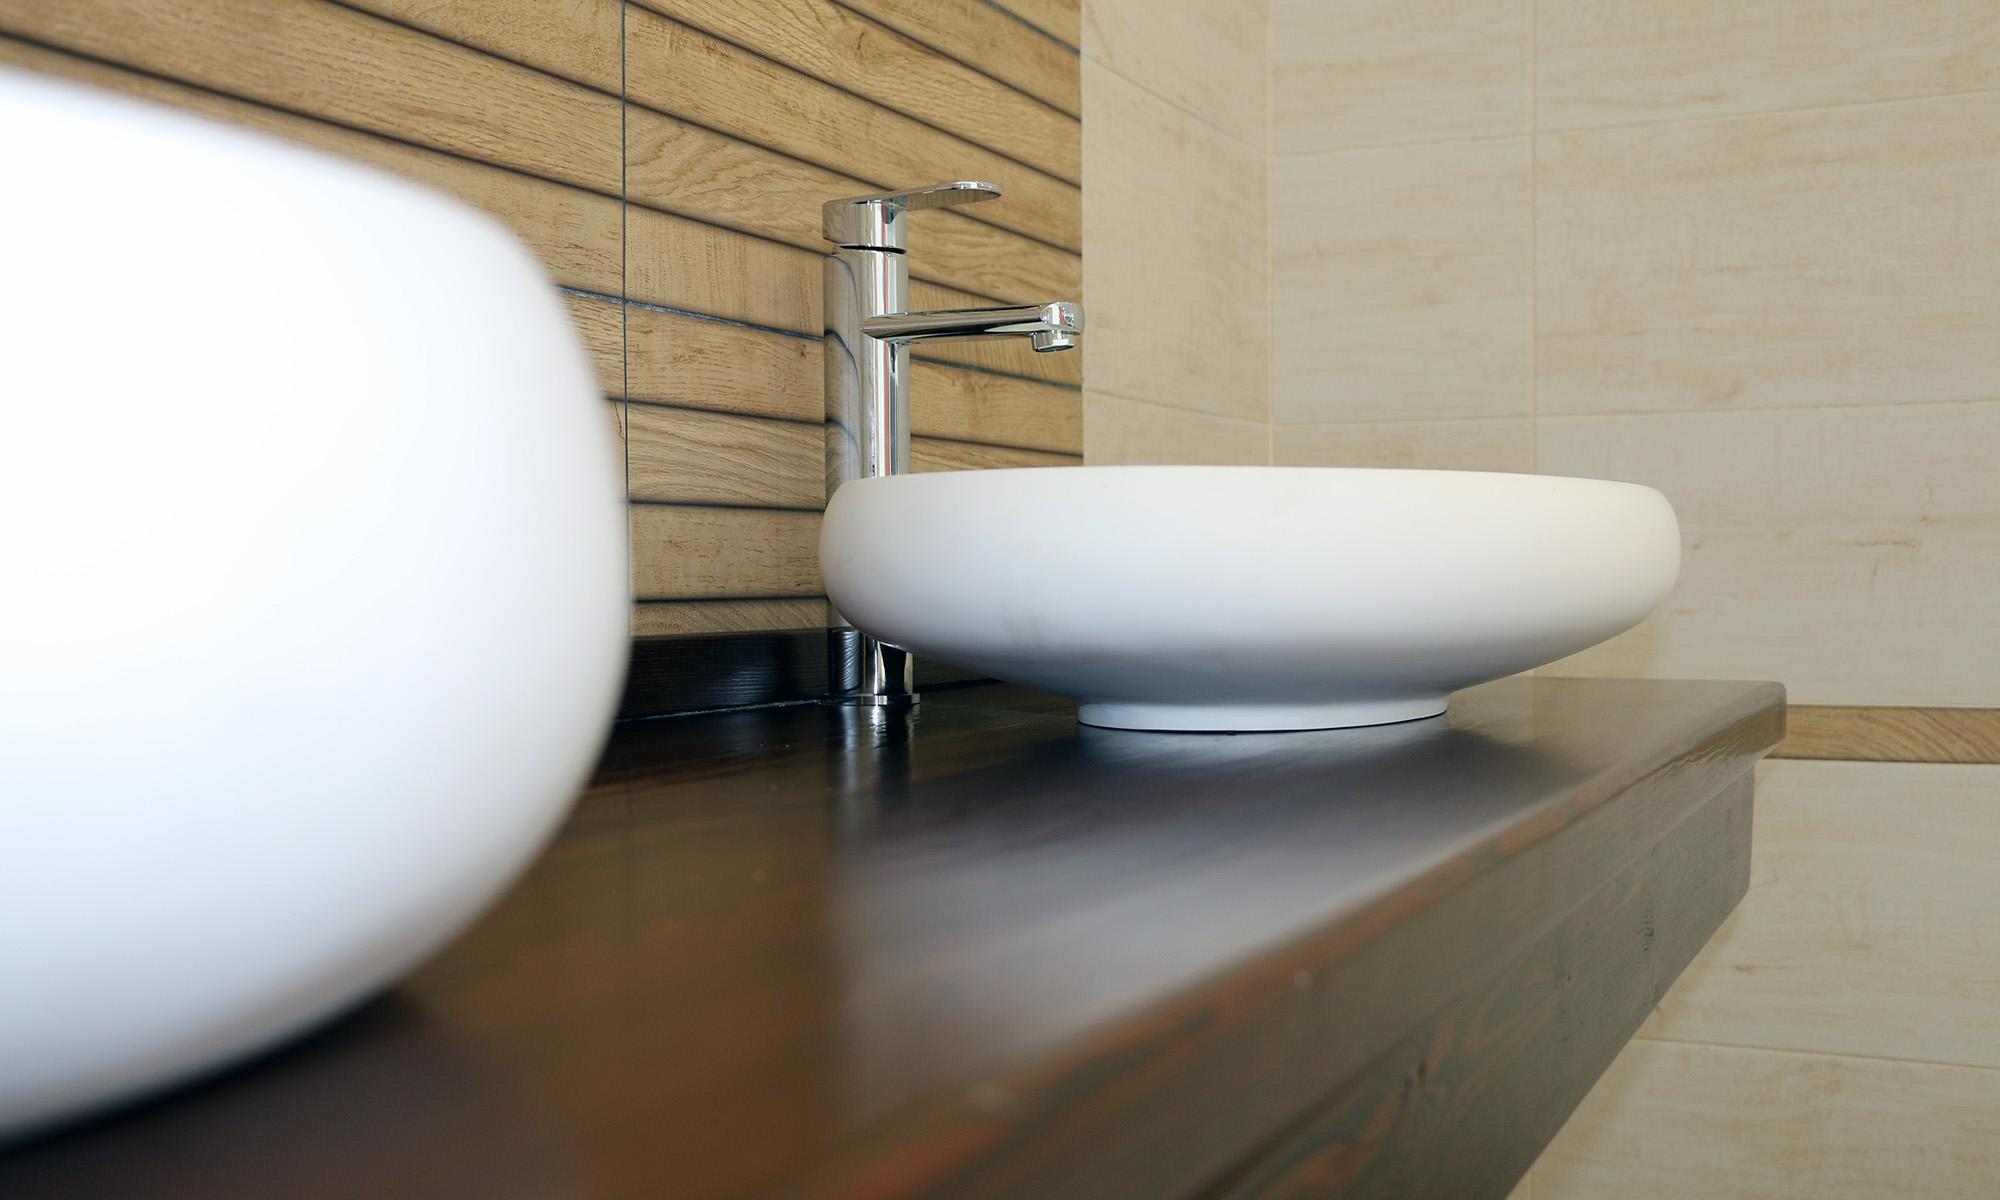 Sanitarios, muebles de baño y griferías